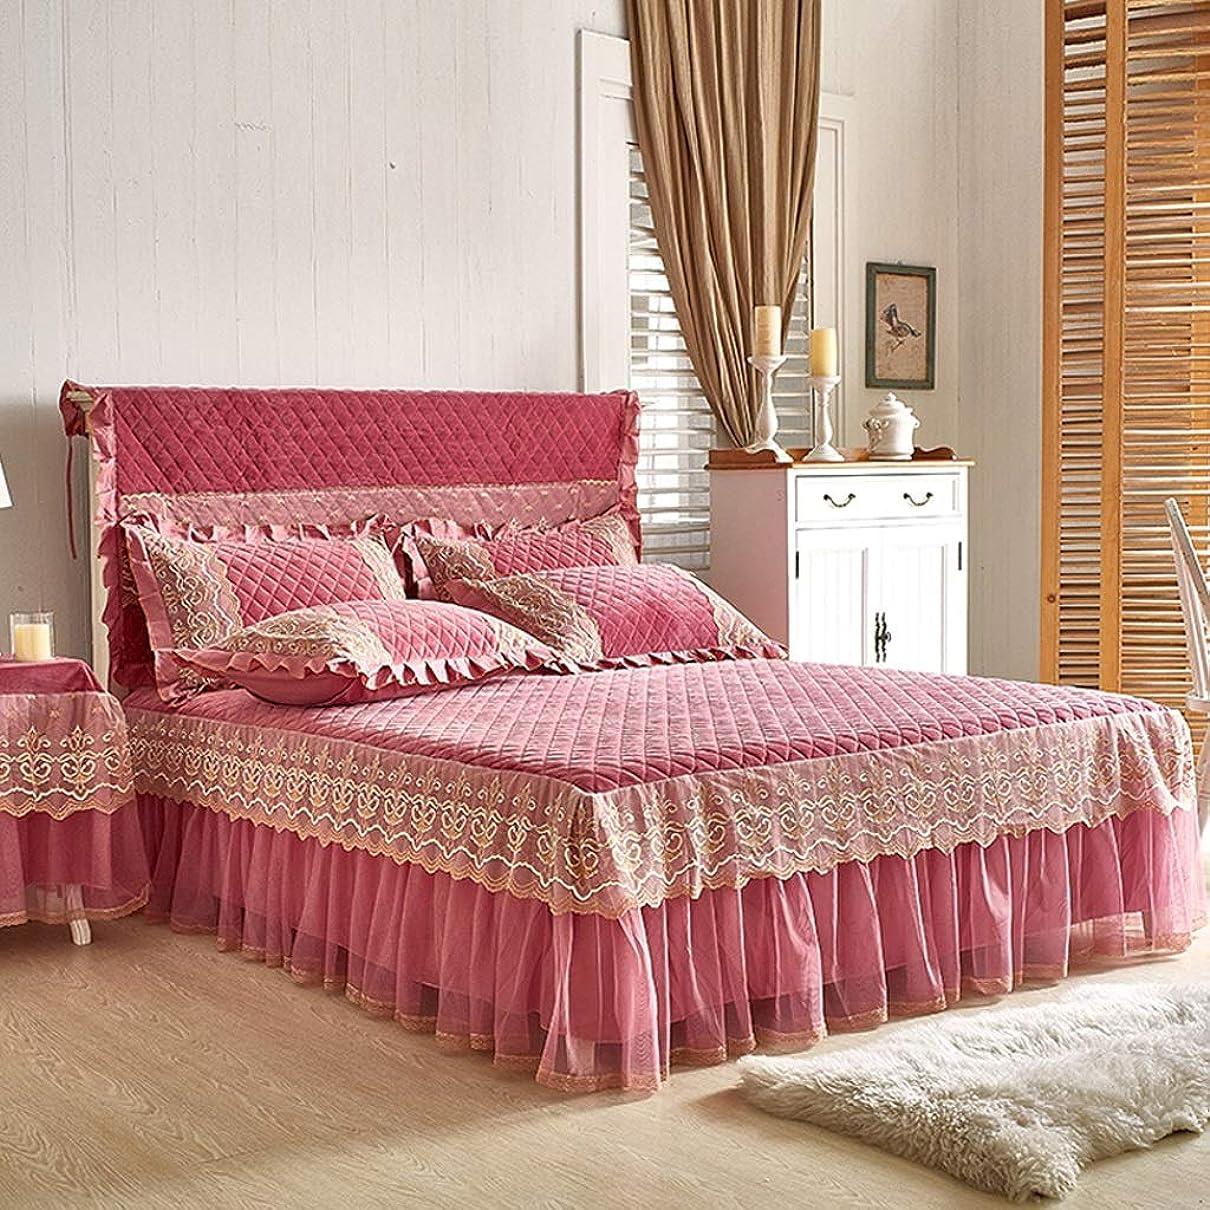 洗剤バスバスタブ高級コットンスエードベッドスカートスーツ機洗える寝具プリーツベッドカバー弾性バンド固定滑り止め保護ケース - ほこり (色 : B pink, サイズ さいず : 180cmx220cm suit)